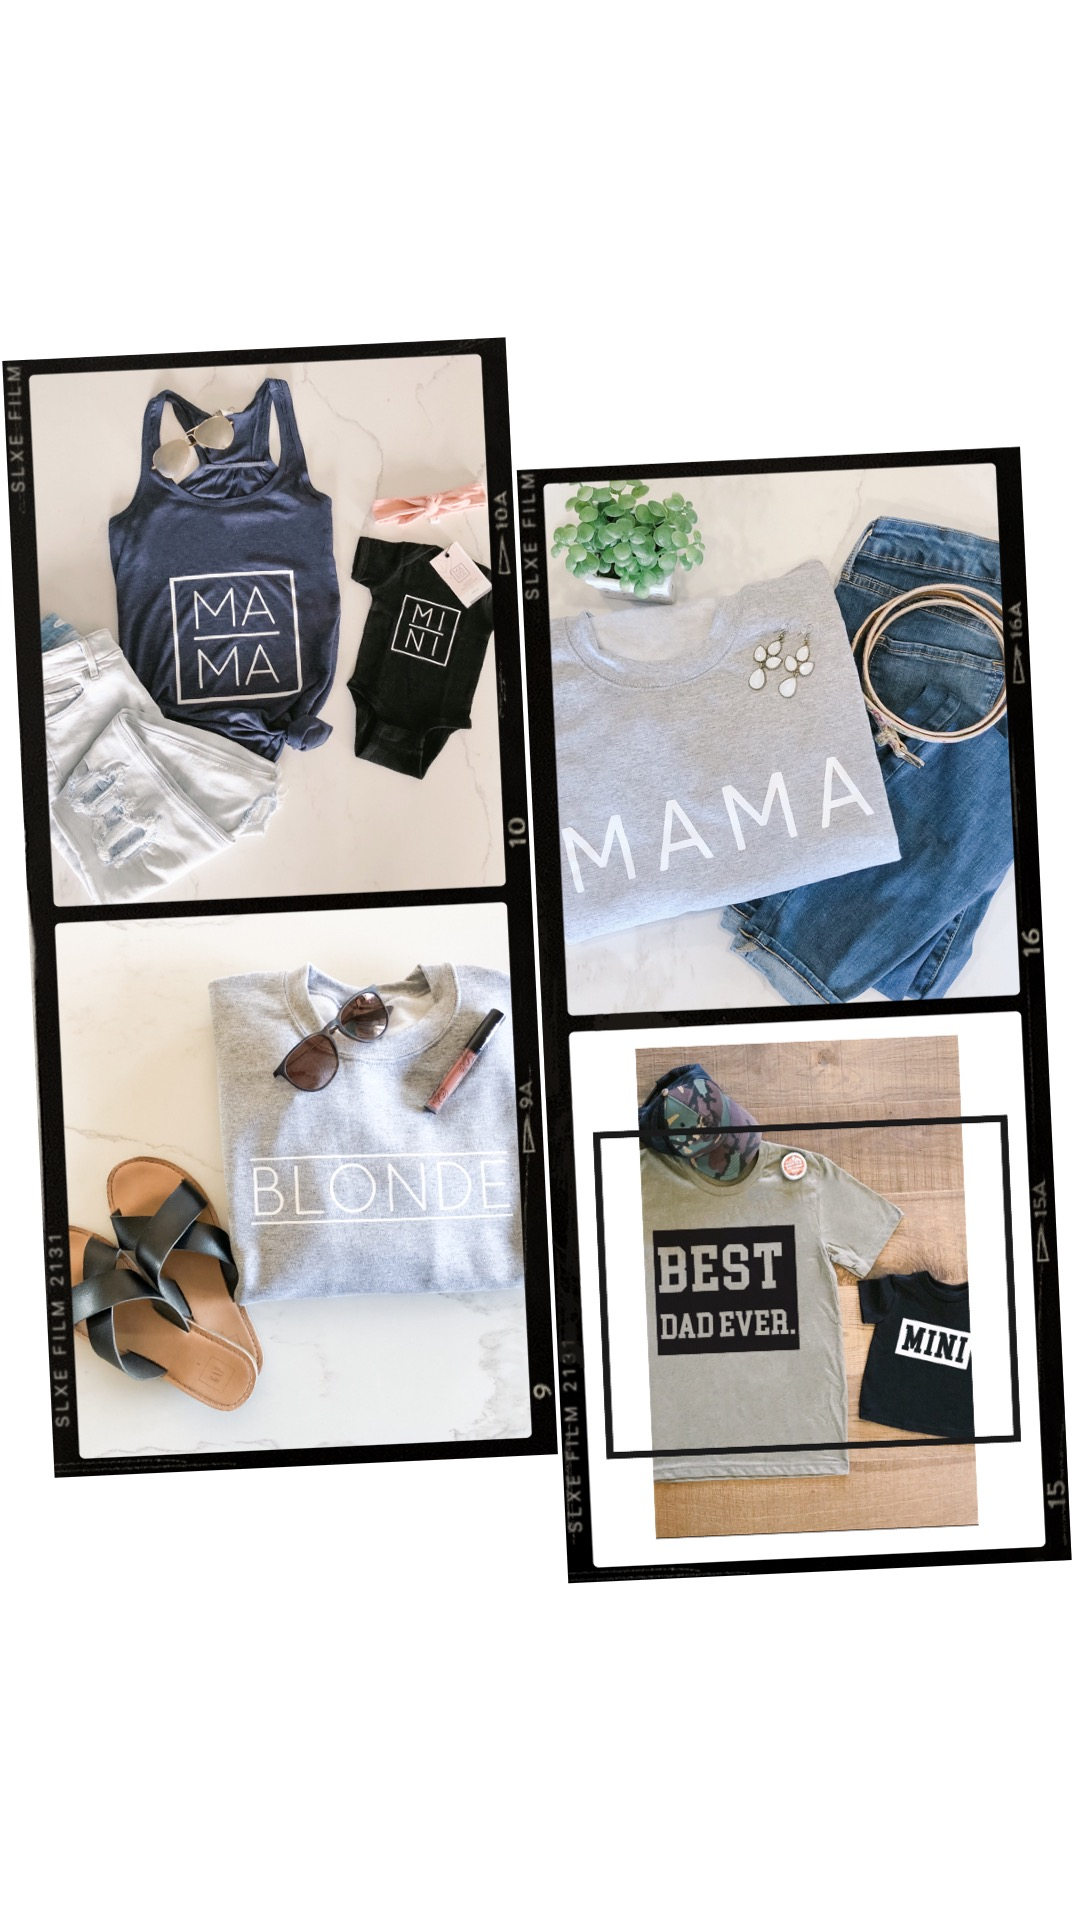 L&B Mama